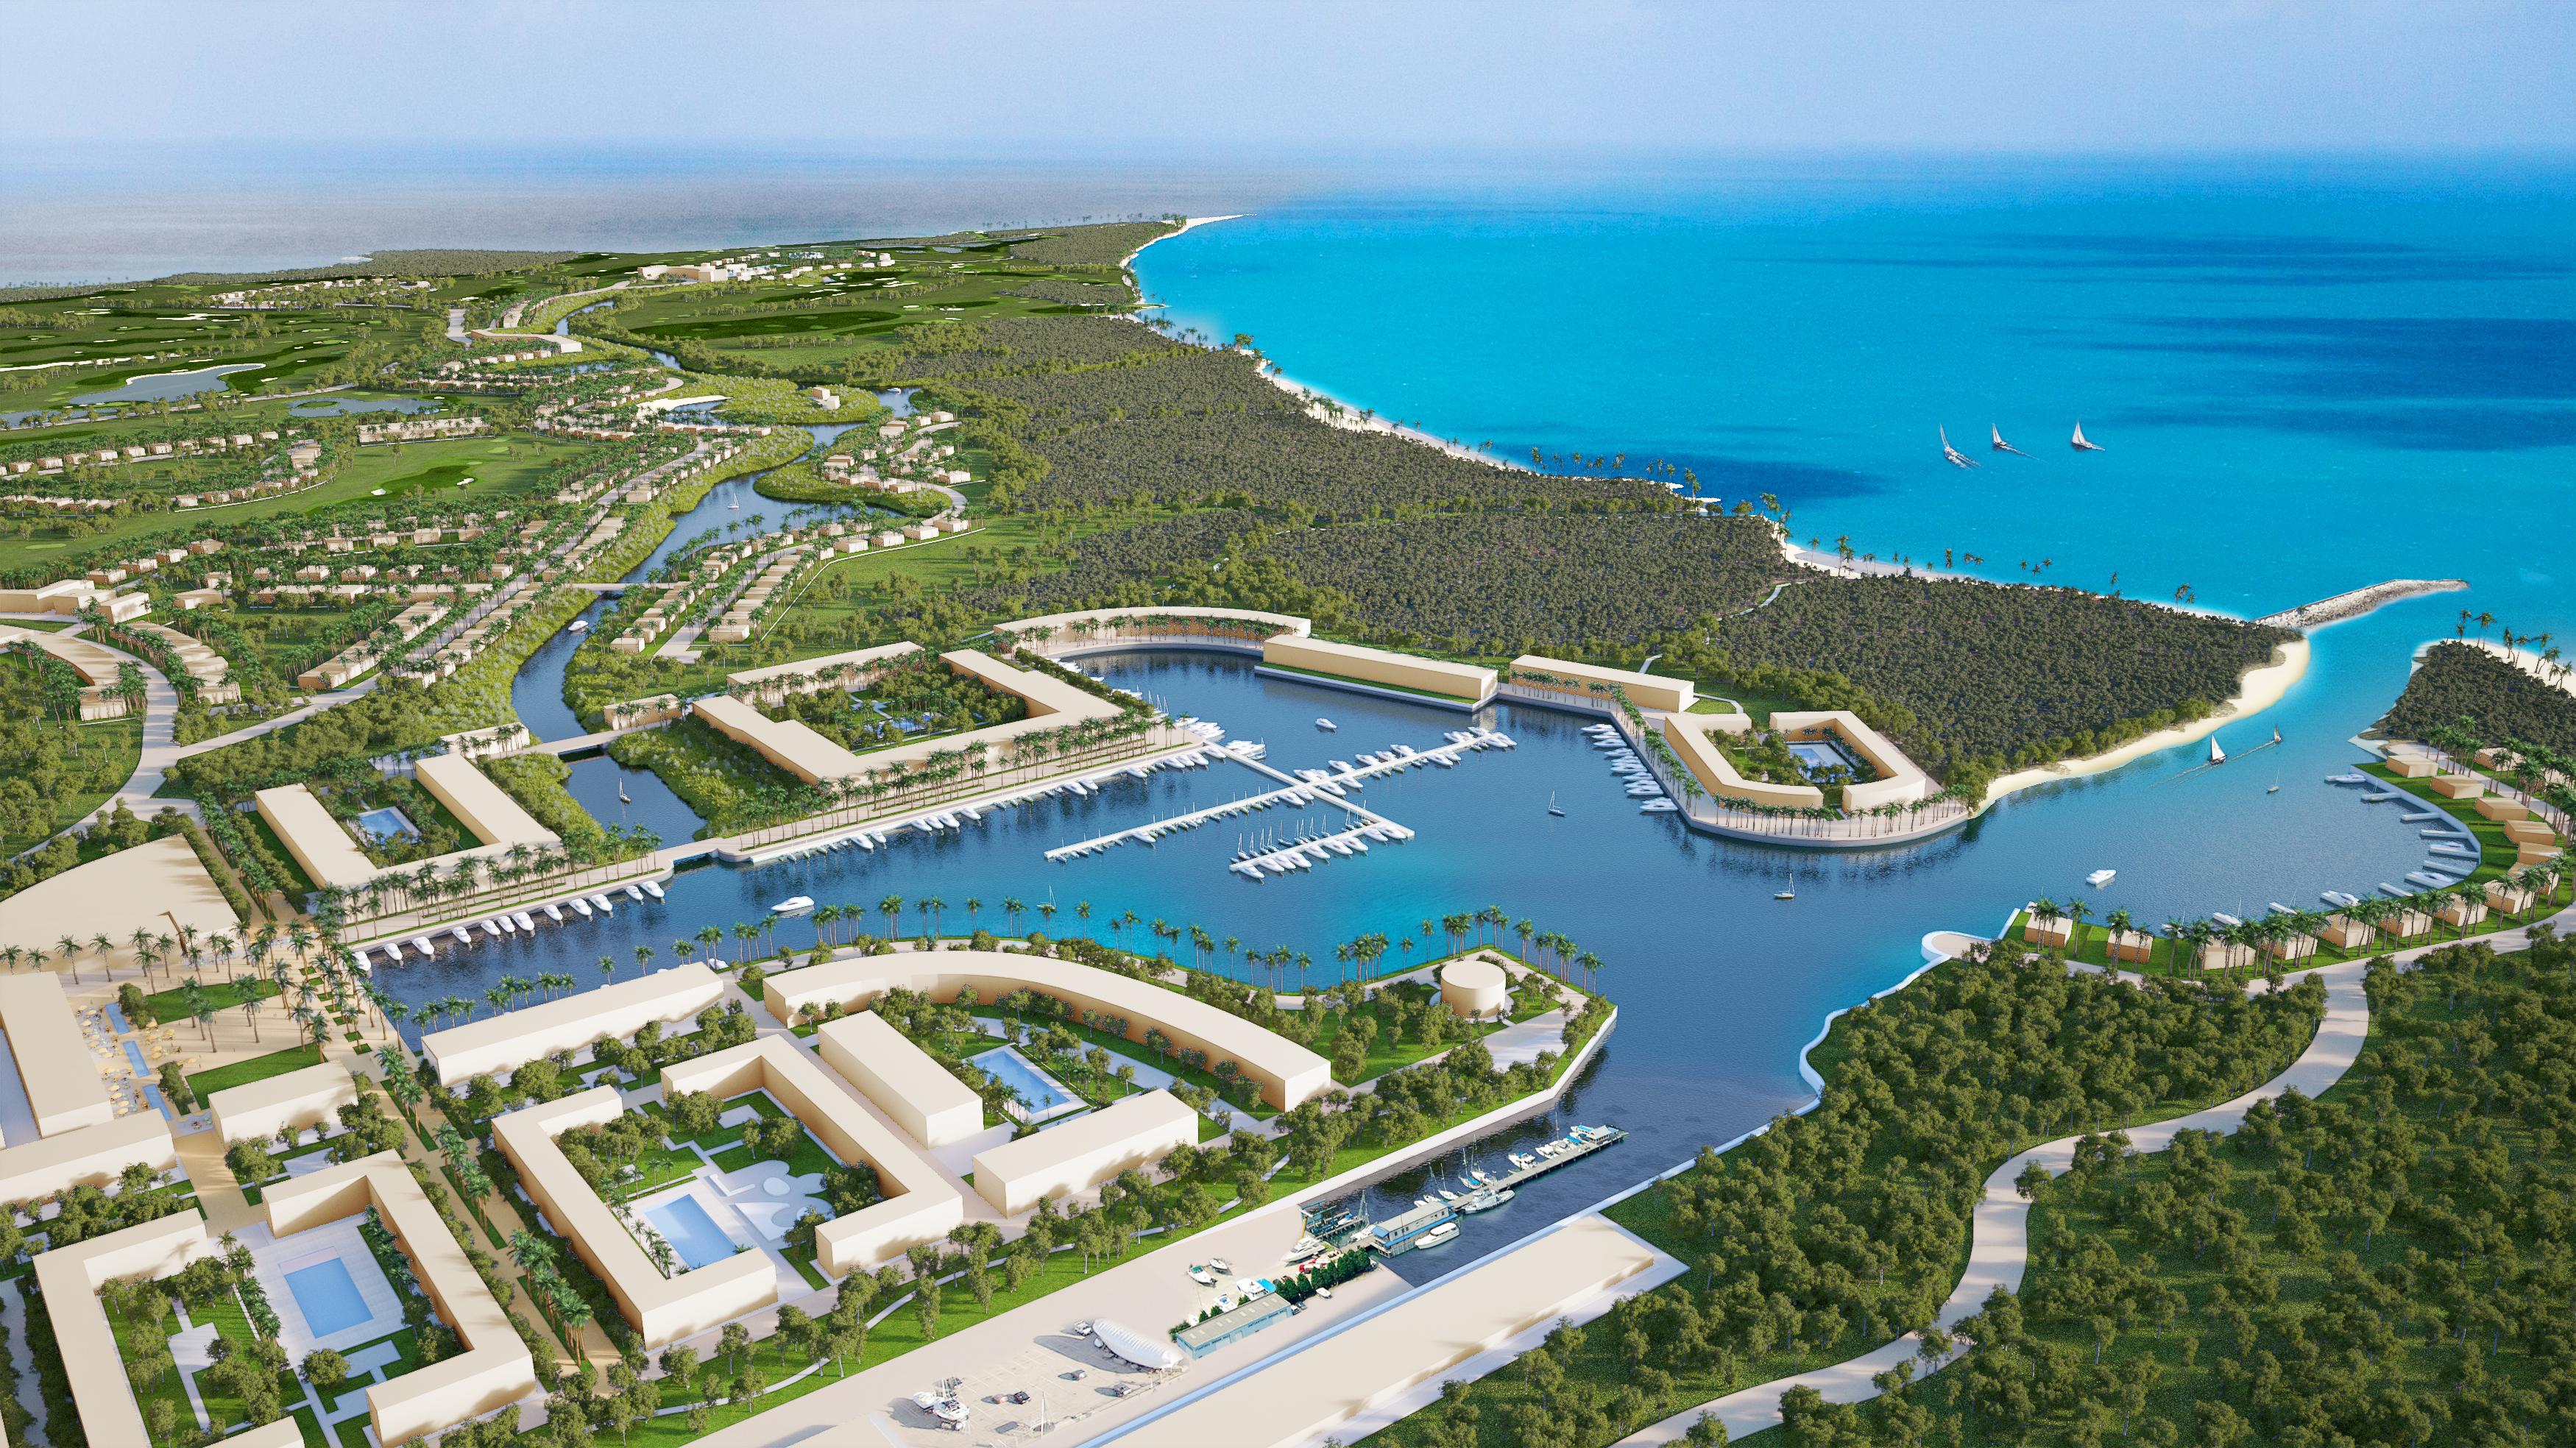 Cuba planeja construir maior complexo turístico de golfe da América Latina *